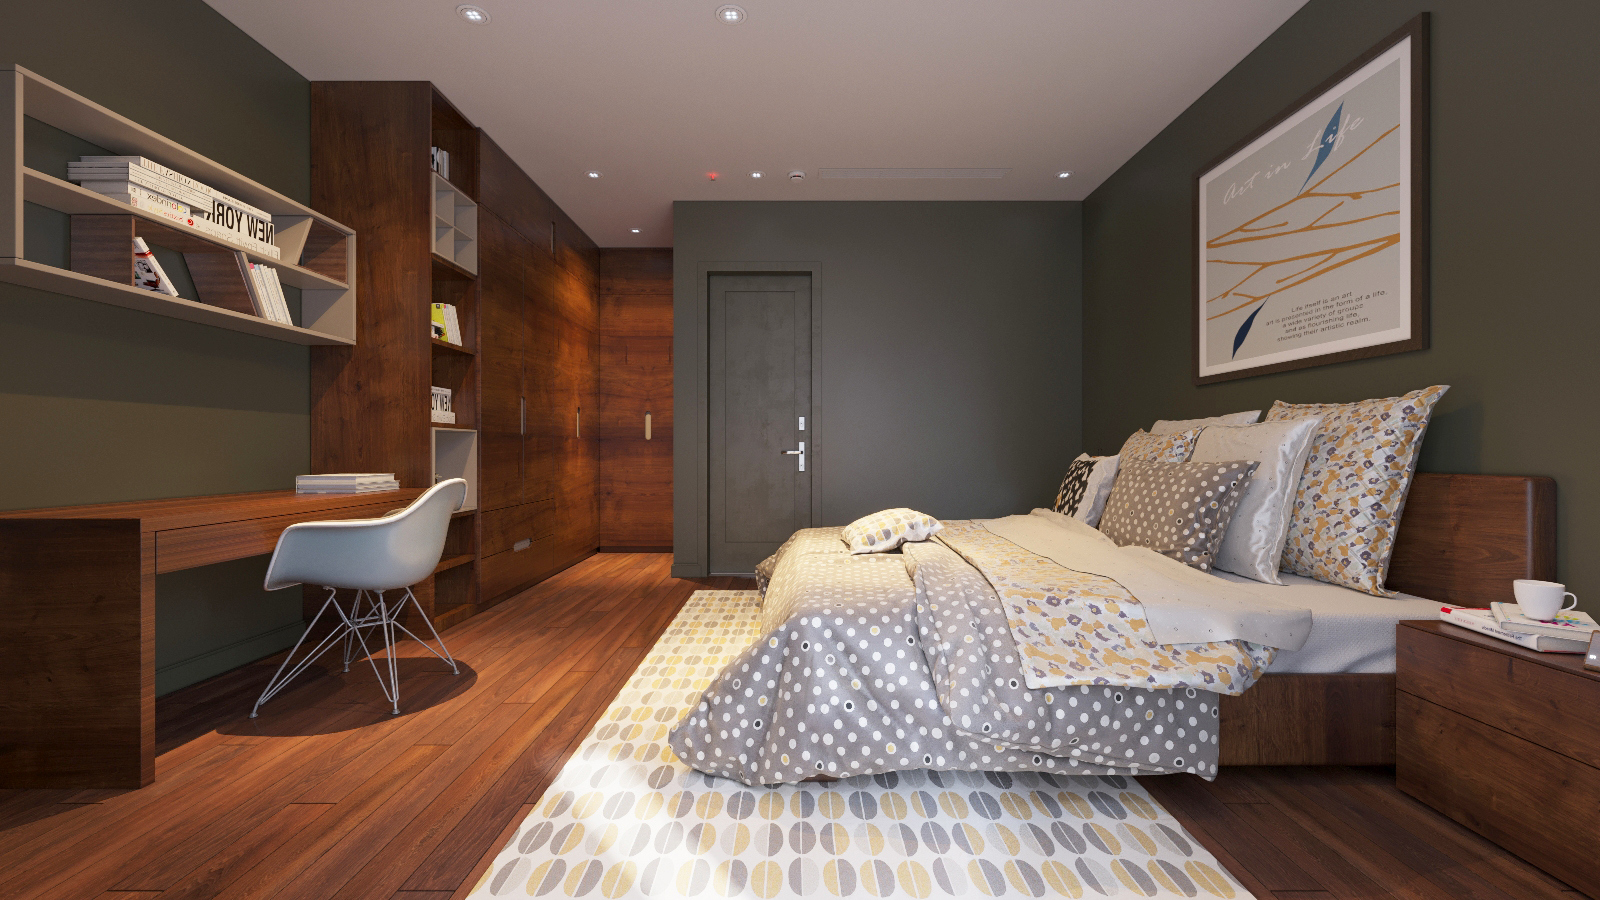 thiết kế Nội thất Biệt Thự 3 tầng biệt thự bt25 splendora mới (lakeside splendora)137